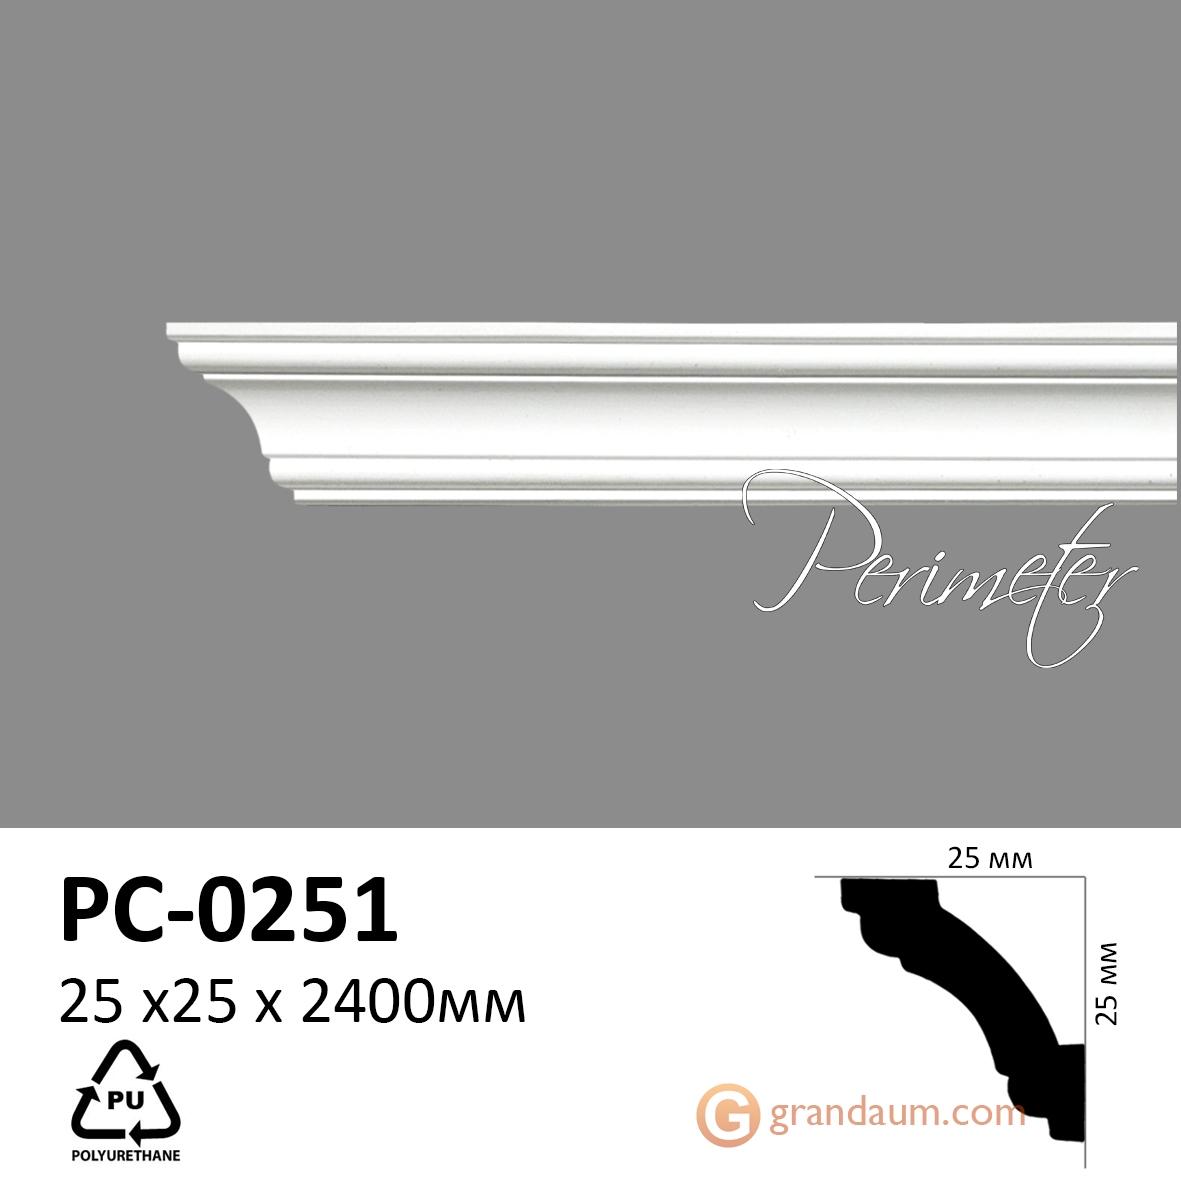 Карниз с гладким профилем Perimeter PC-0251